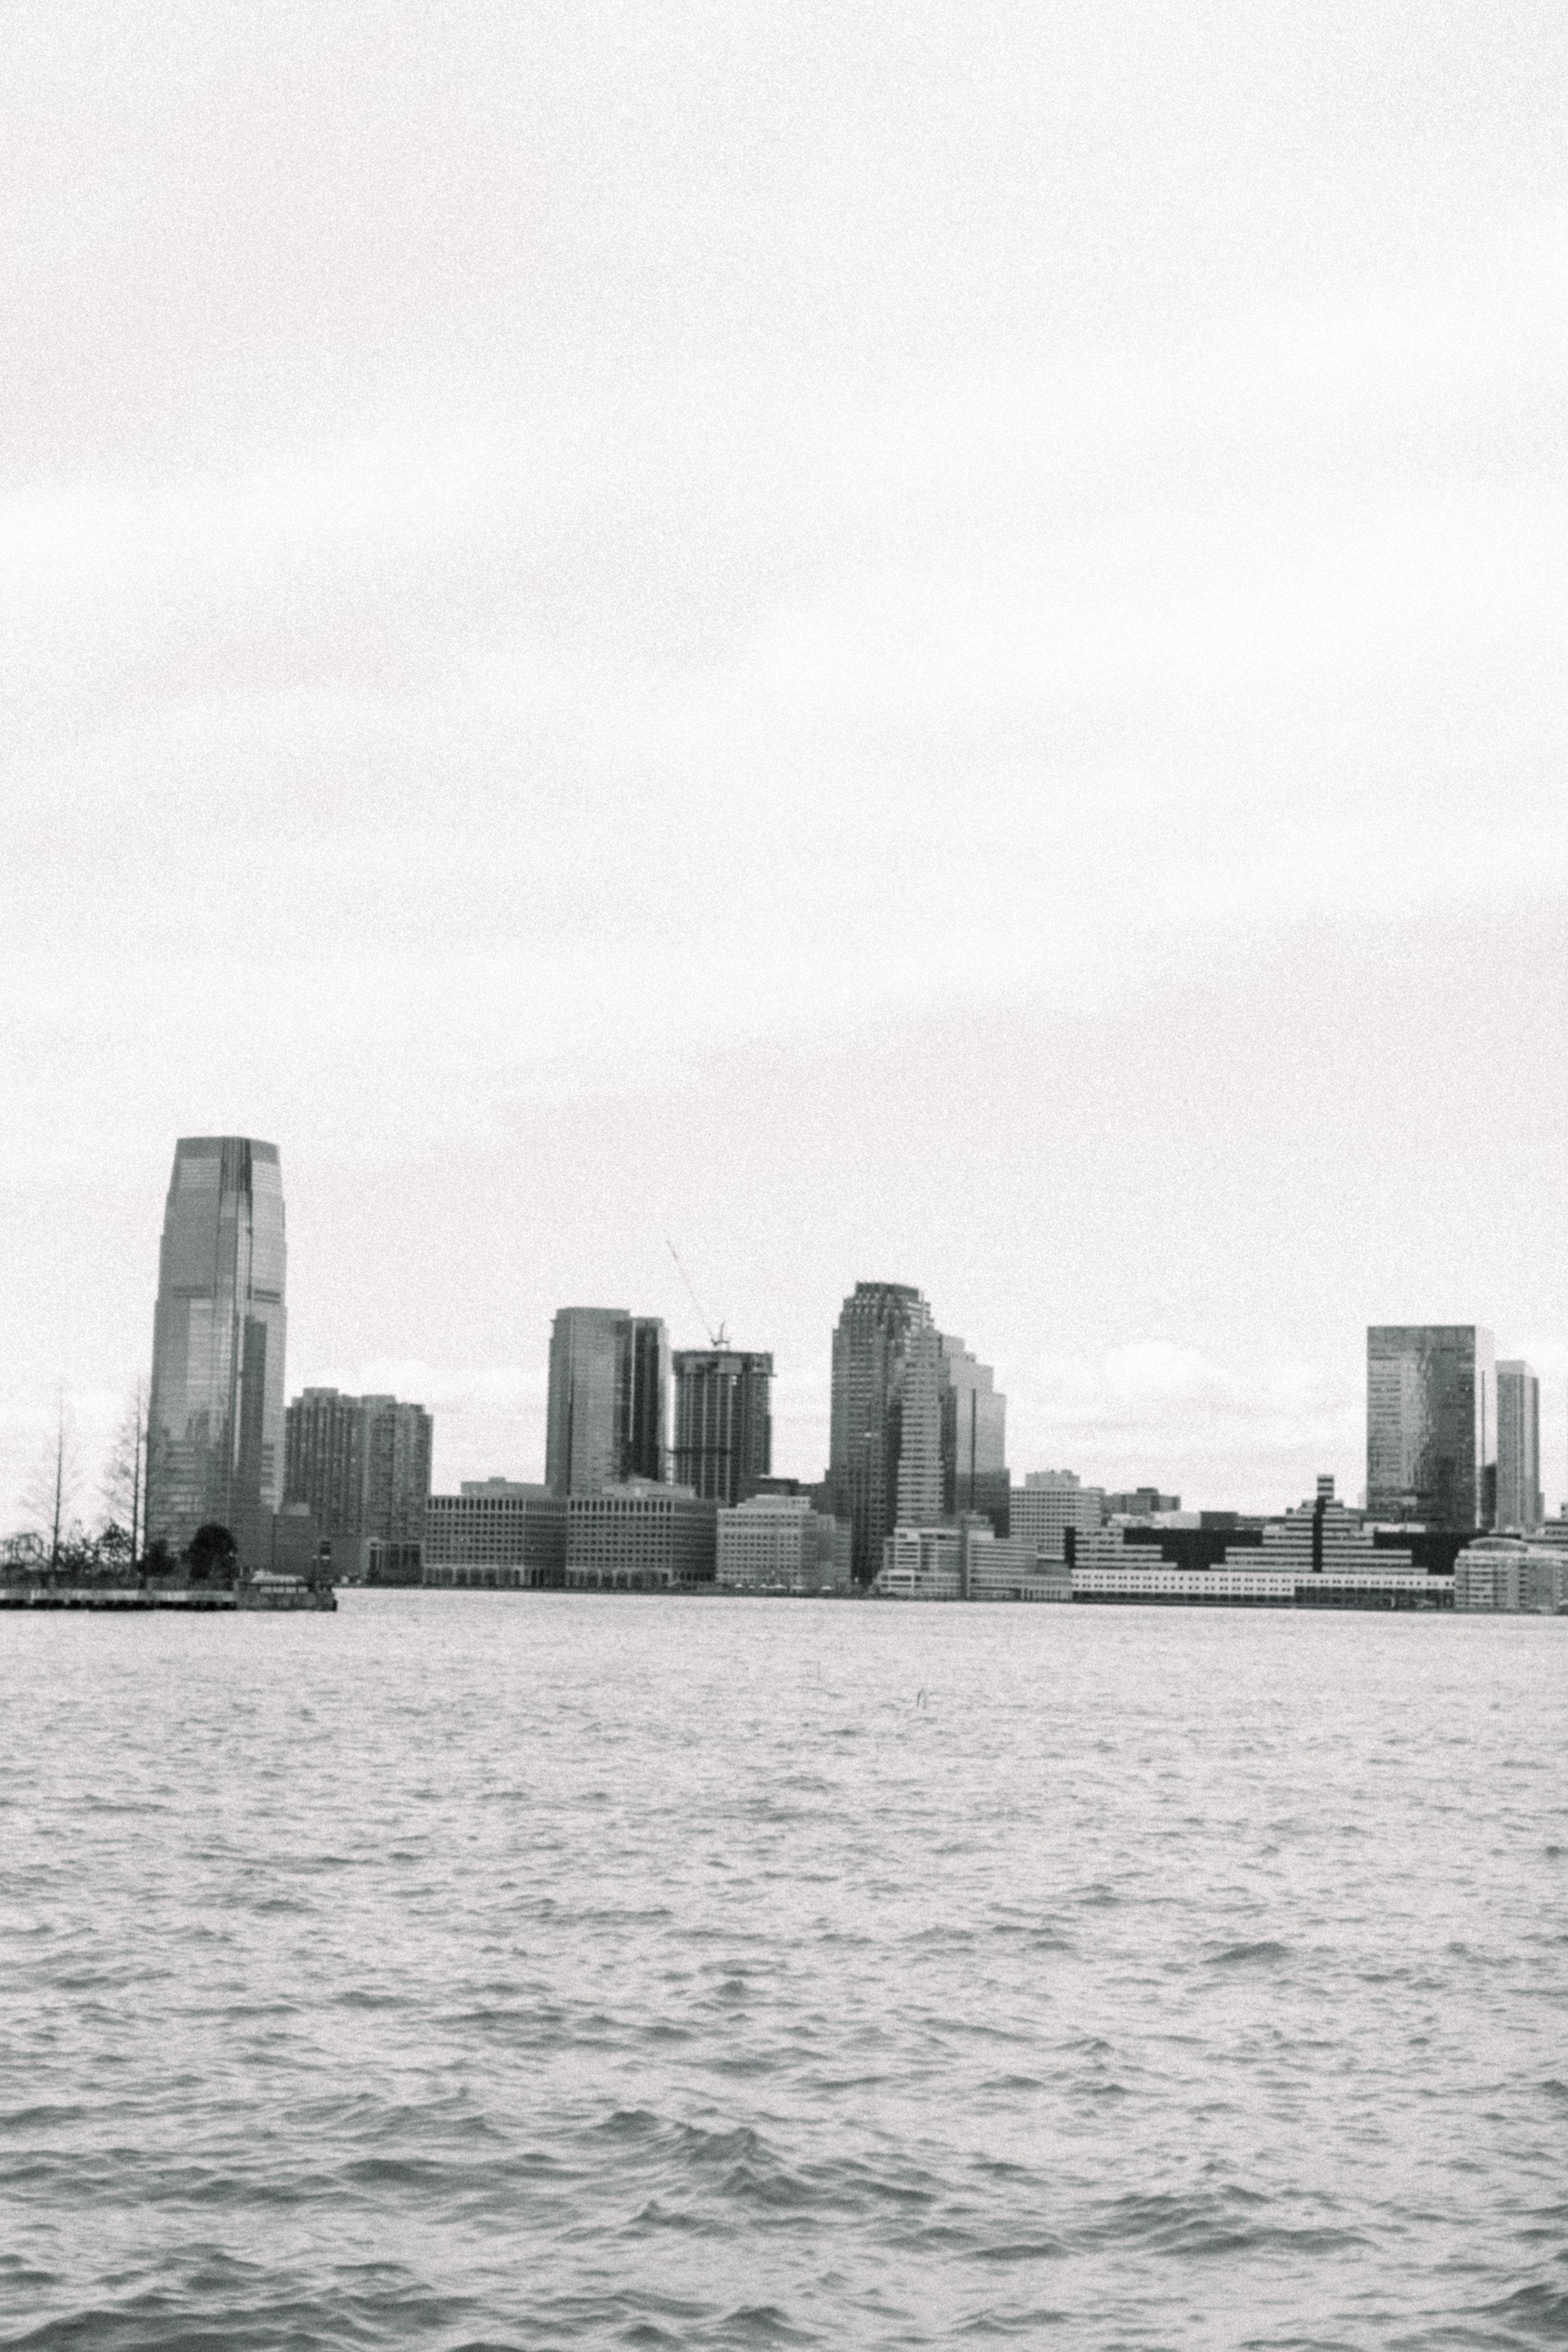 NewYorkCityEngagement_WashingtonSquare_Pier40_AbigailJill_35